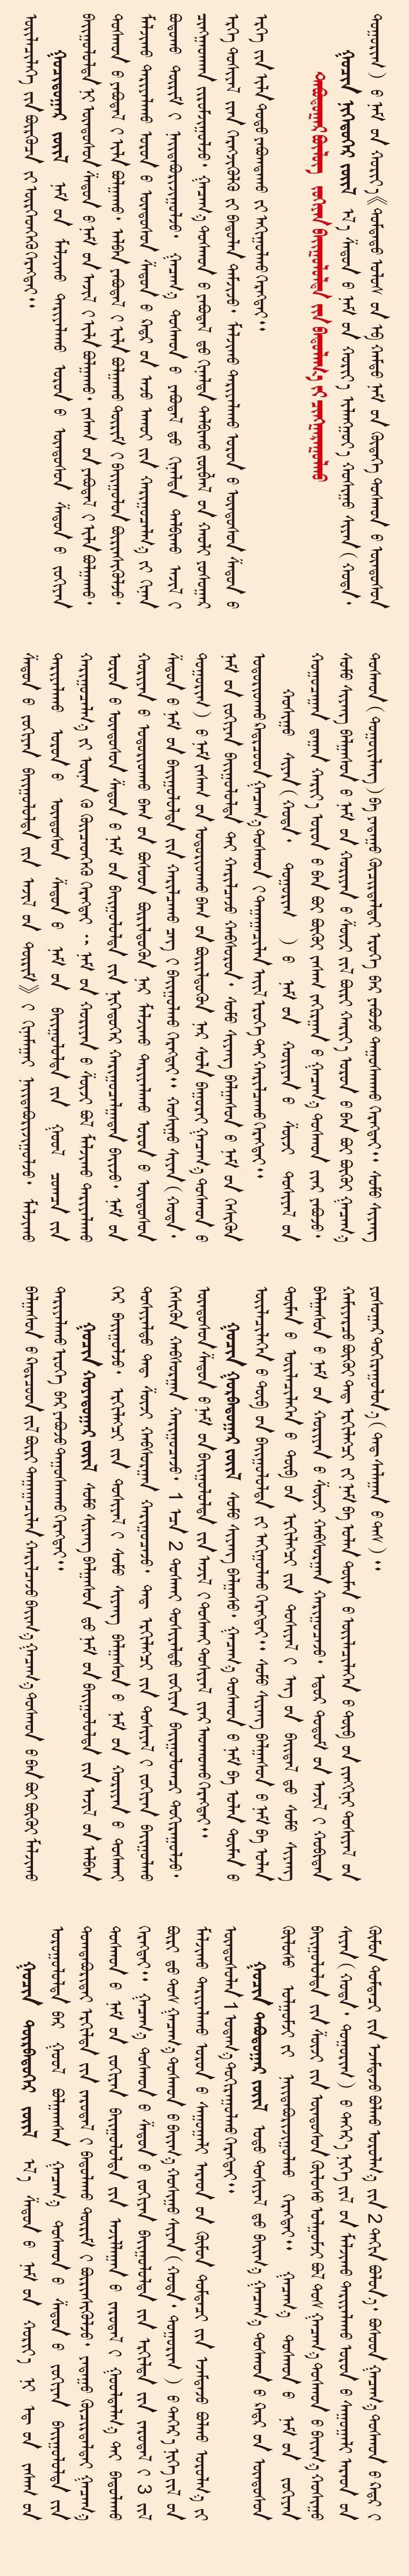 内蒙古自治区党委贯彻《中国共产党农村基层组织工作条例》实施办法 第7张